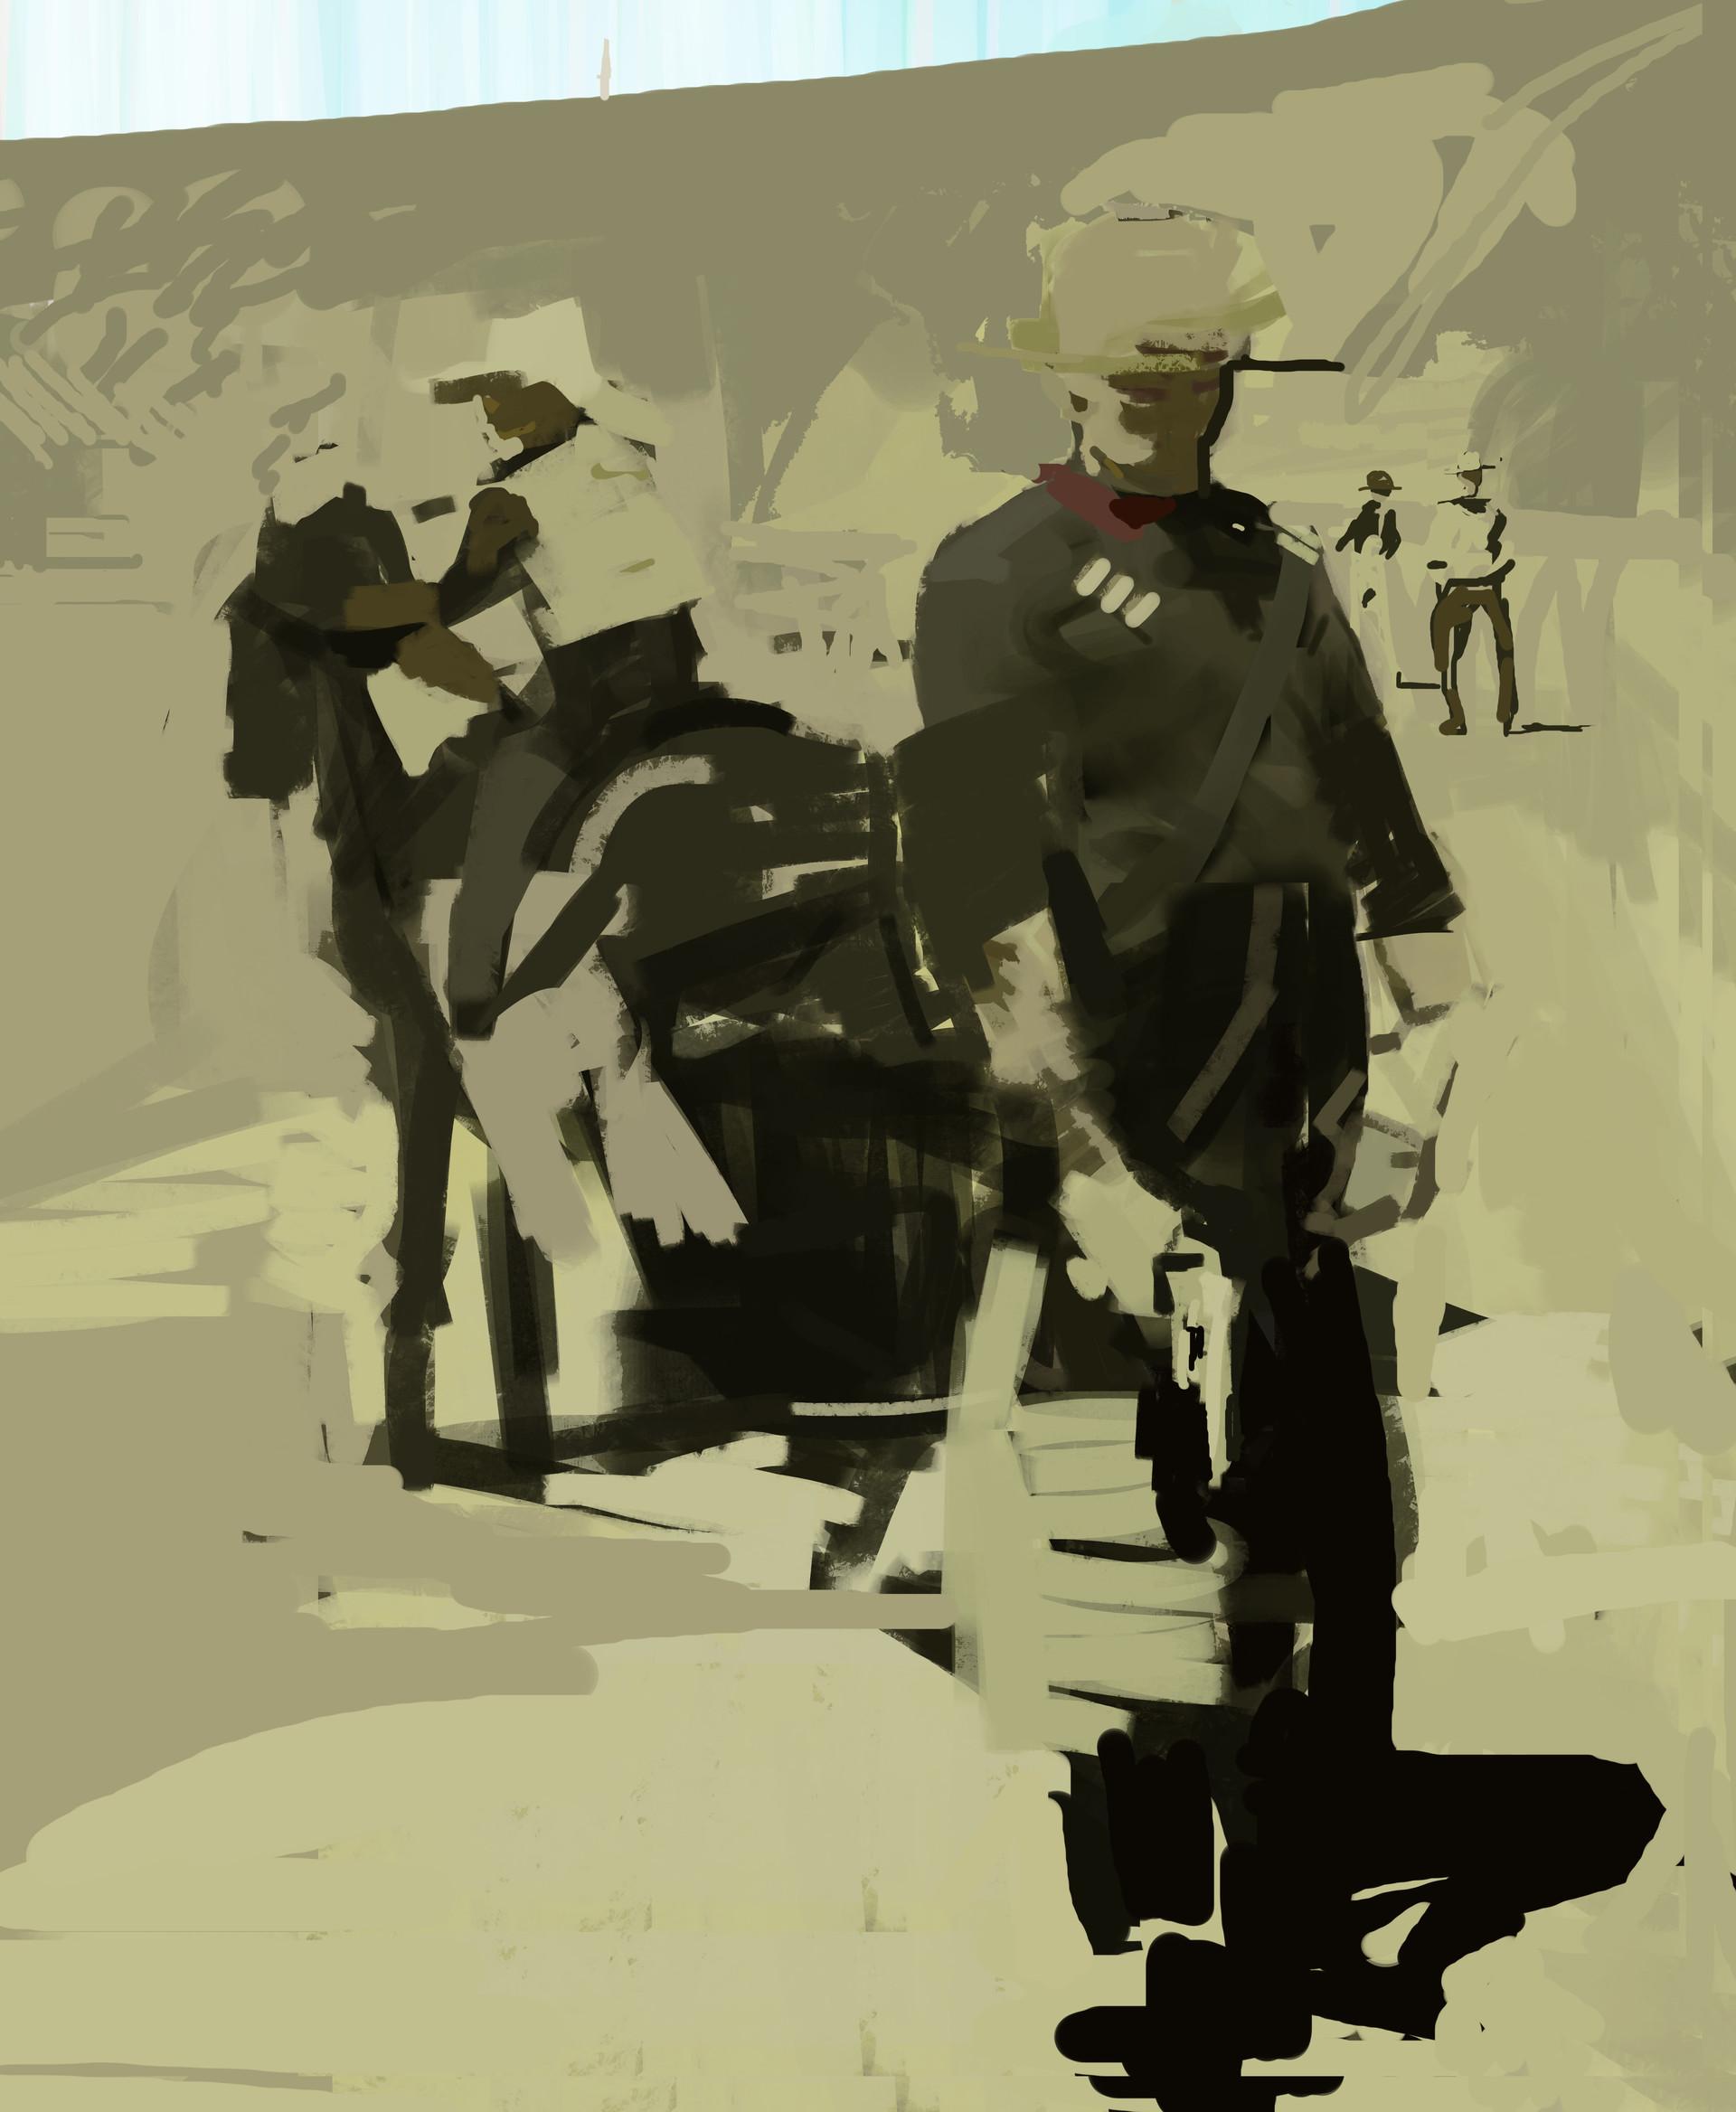 Devin korwin cowboy